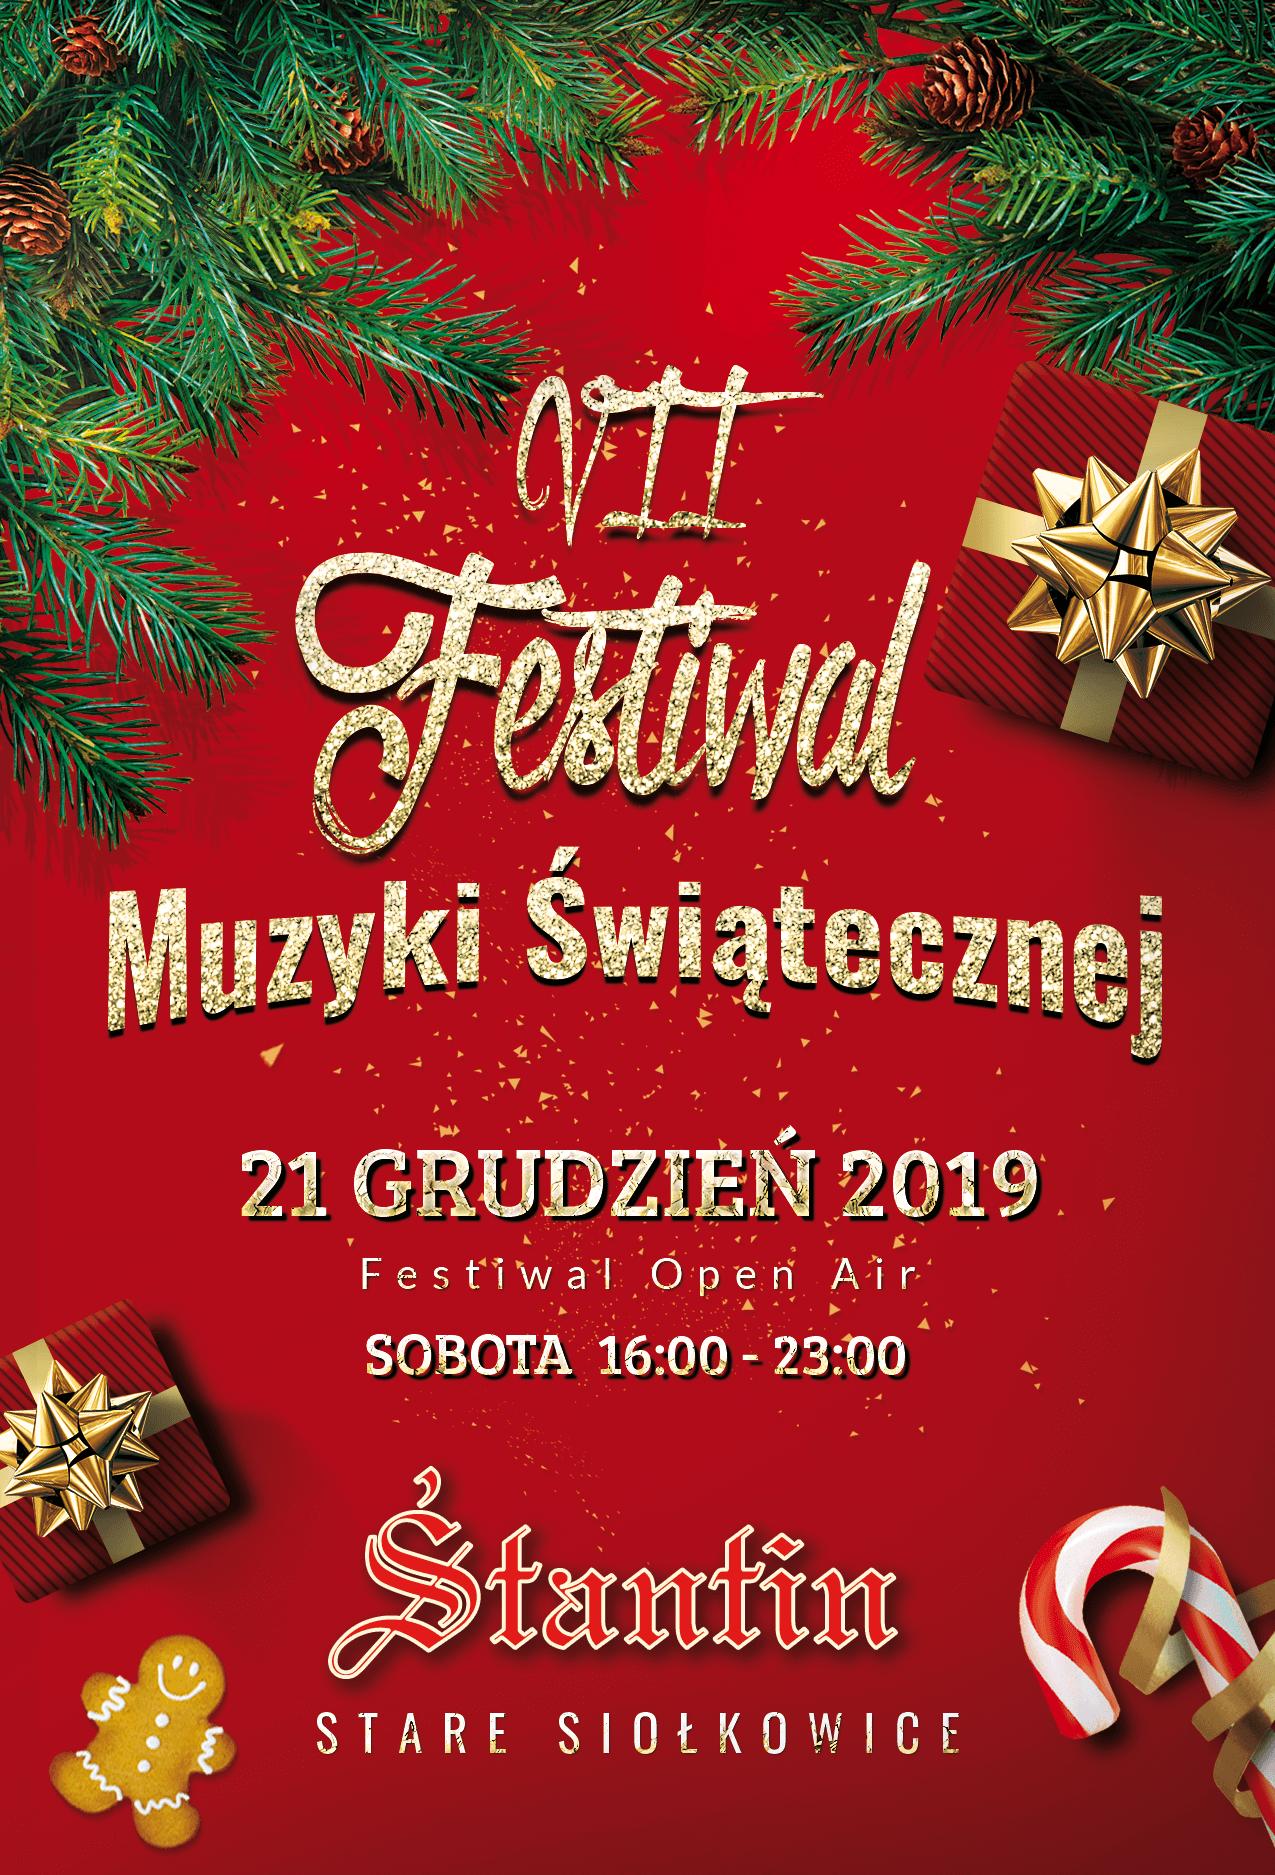 VII Festiwal Muzyki Świątecznej! Stare Siołkowice sobota 21.12.2019!